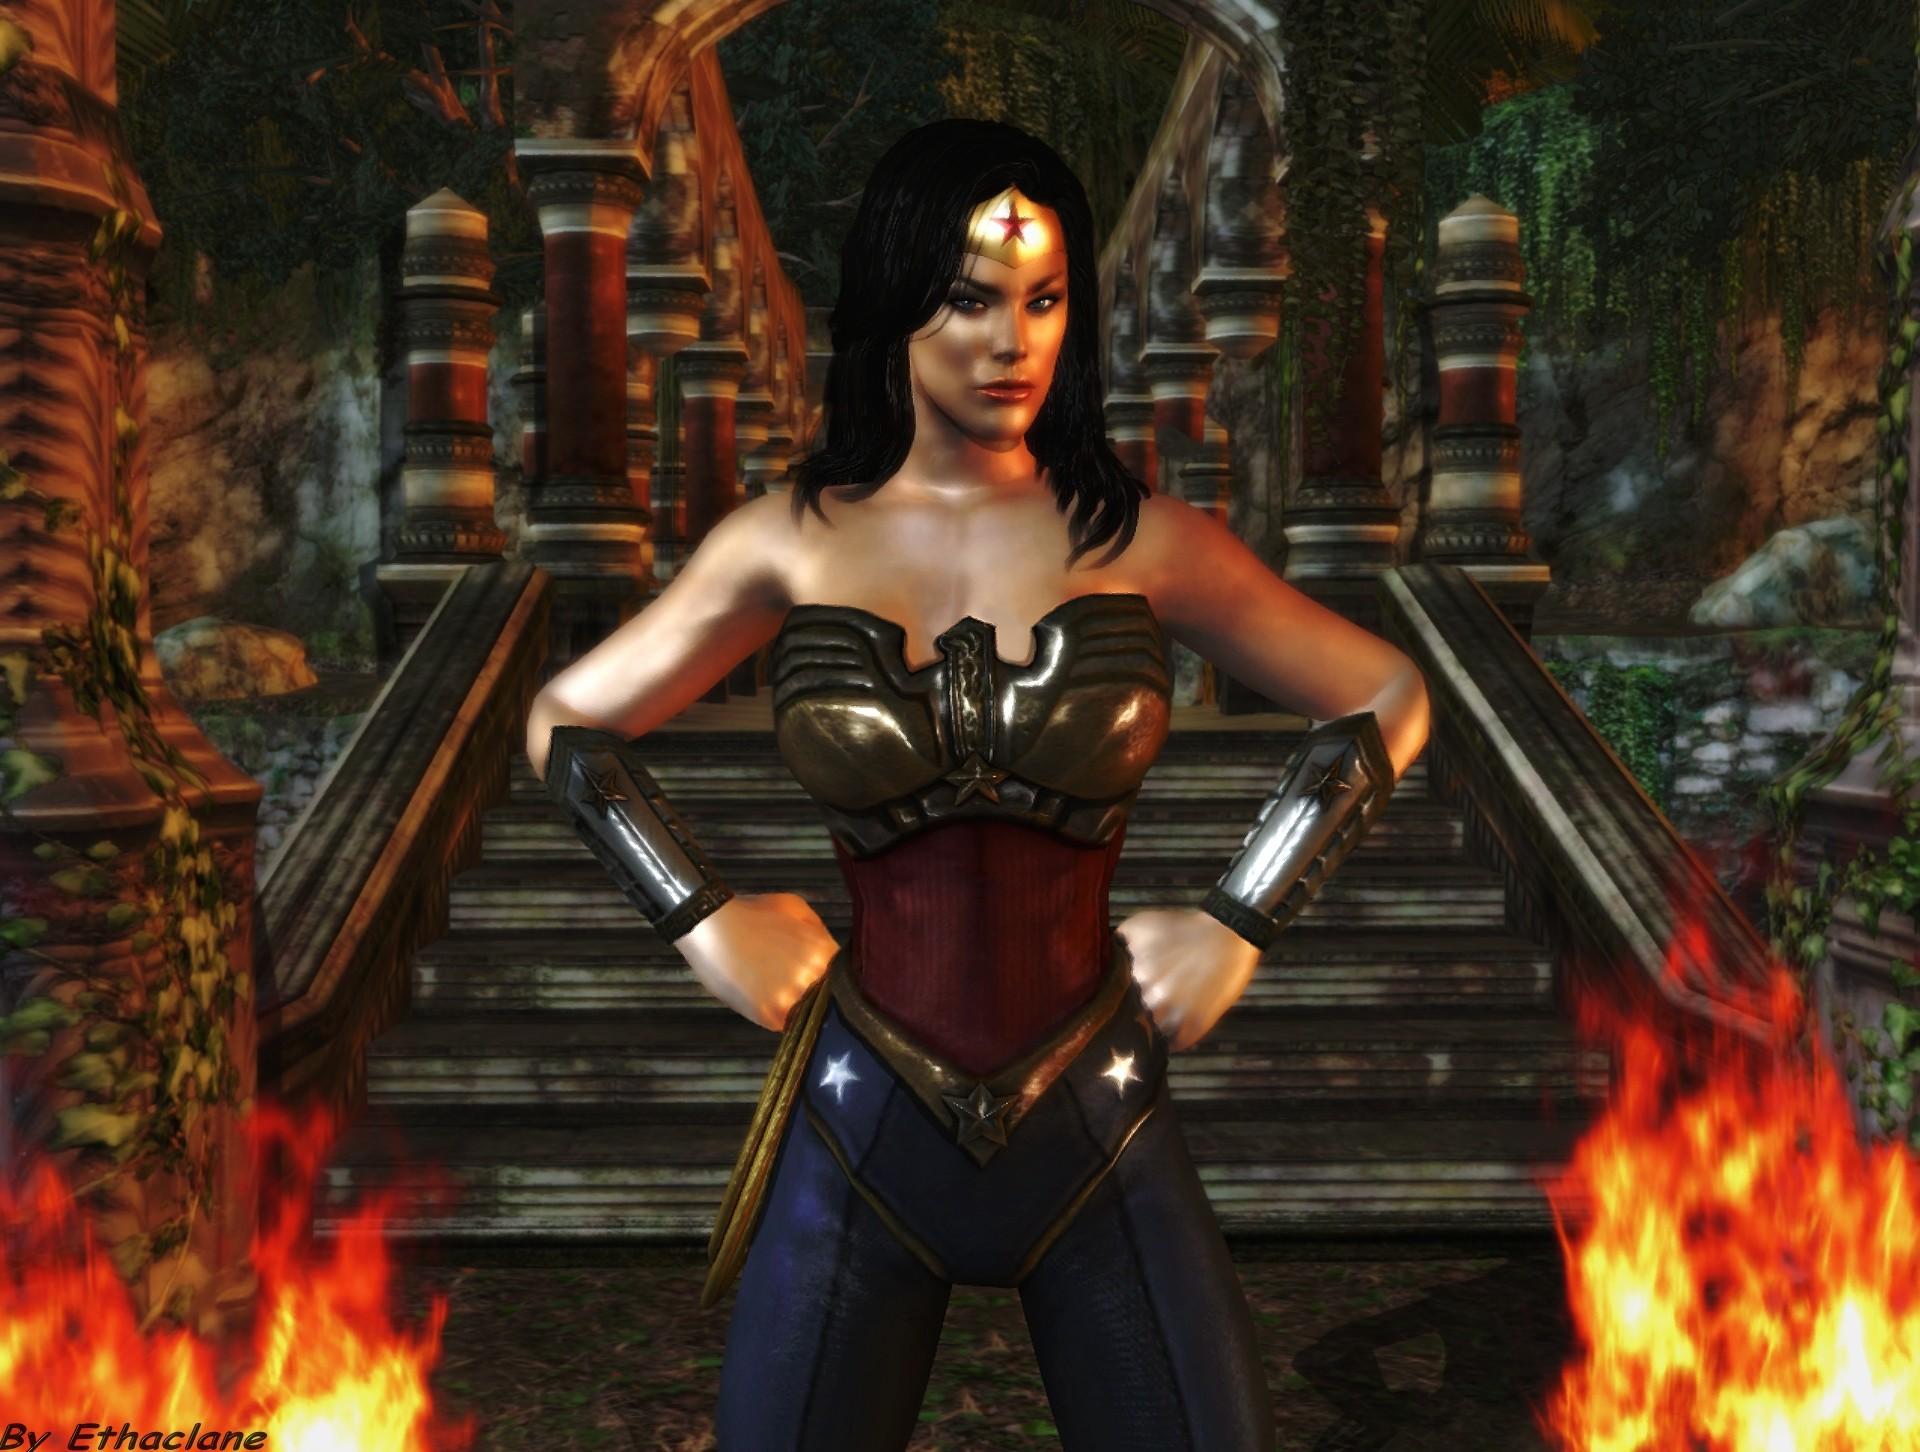 Res: 1920x1452, ... Wonder Woman wallpaper - Amazon Princess by ethaclane